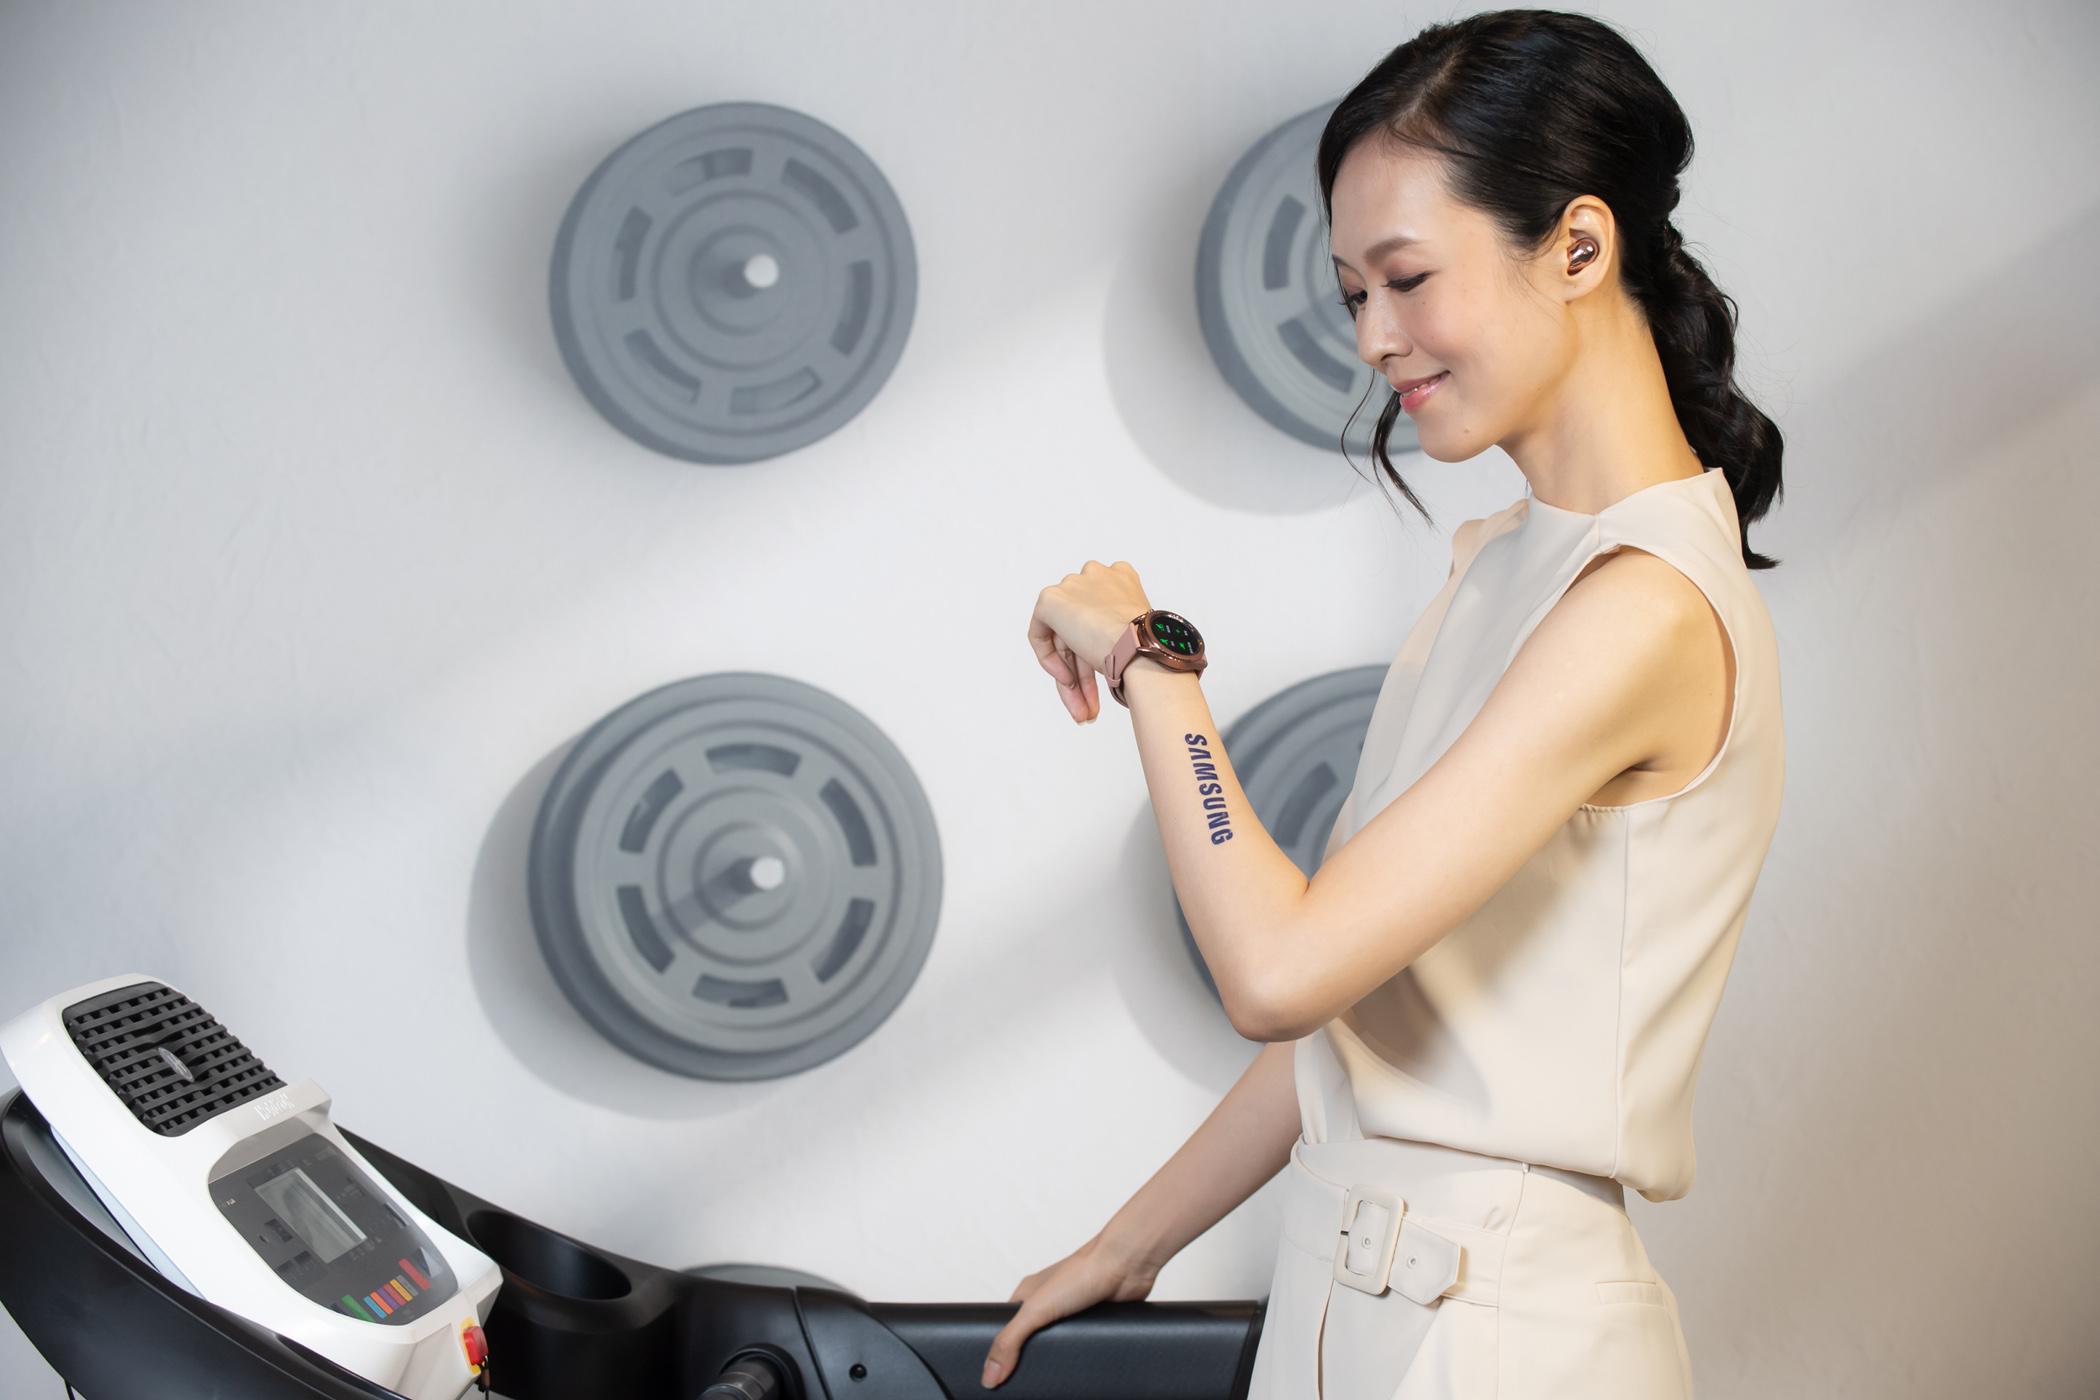 Galaxy Watch3搭載先進跑步分析功能,能監控跑步時的各種生理指數